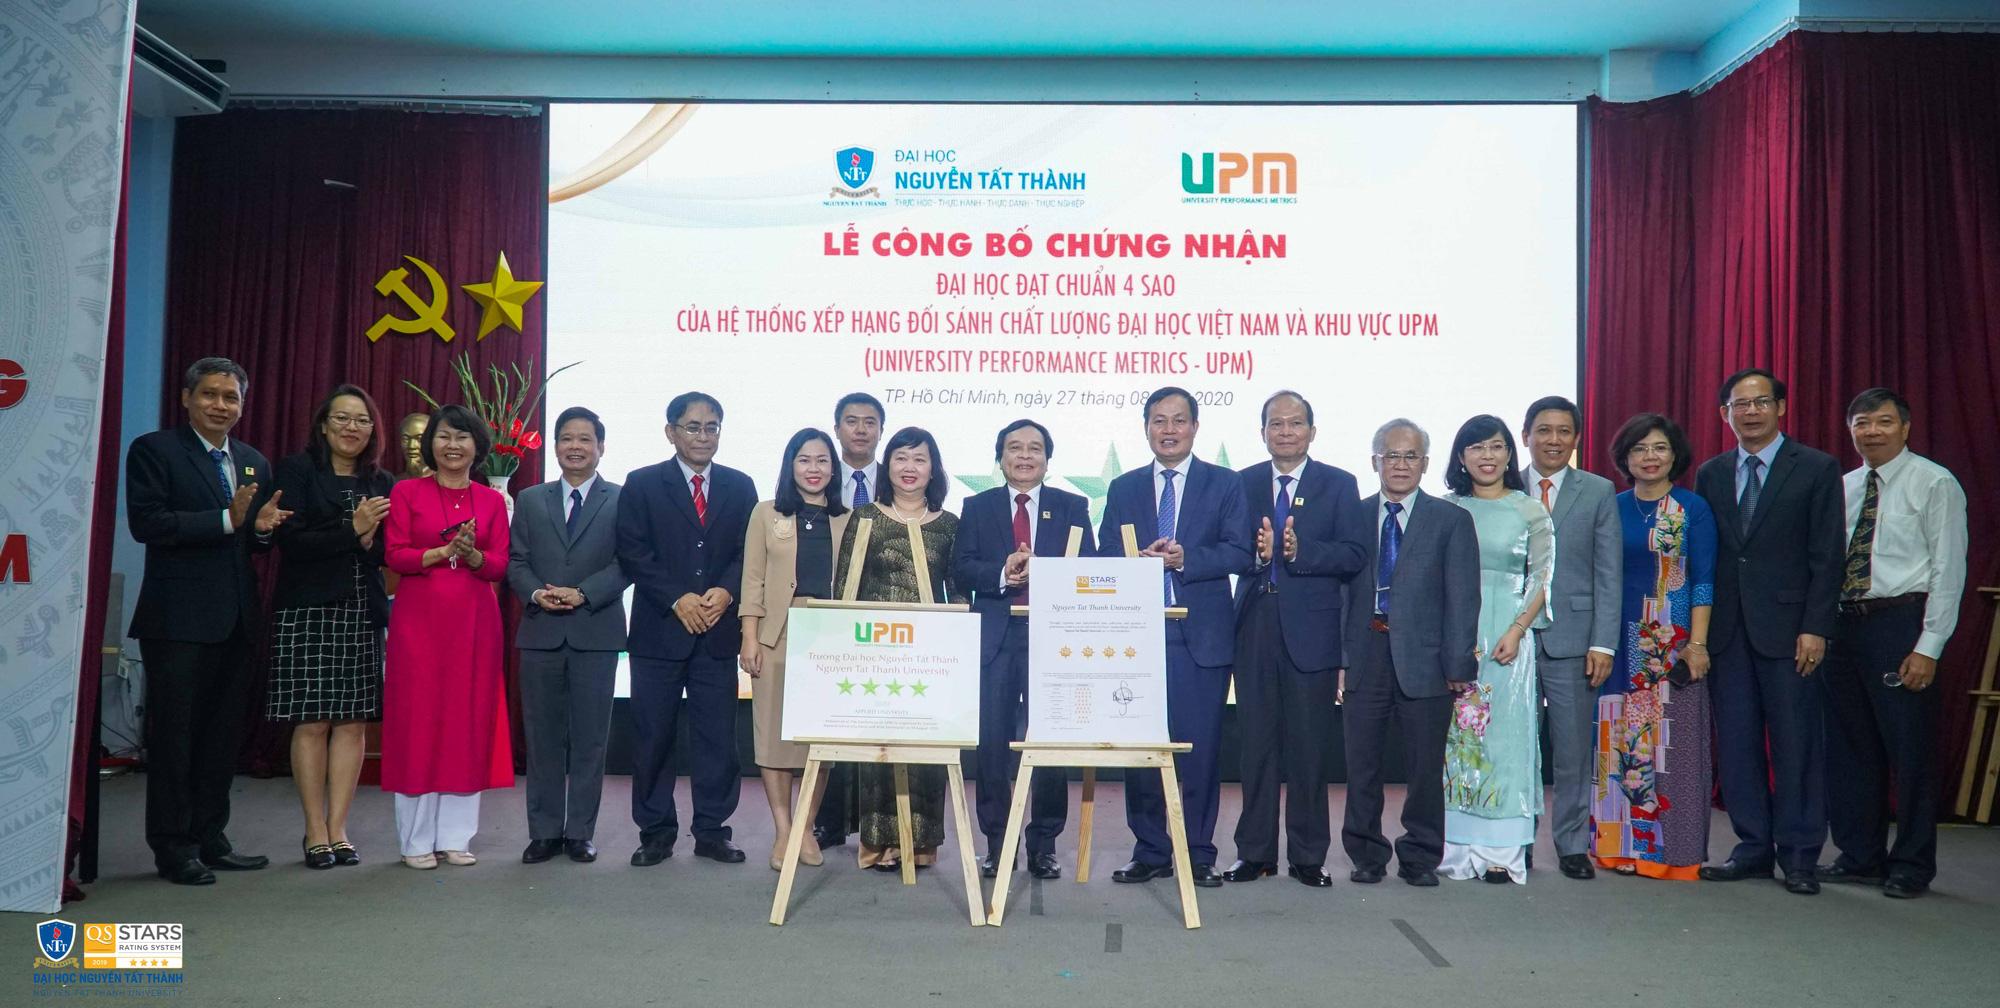 Trường ĐH ngoài công lập đầu tiên đón nhận chuẩn 4 sao UPM - Ảnh 1.